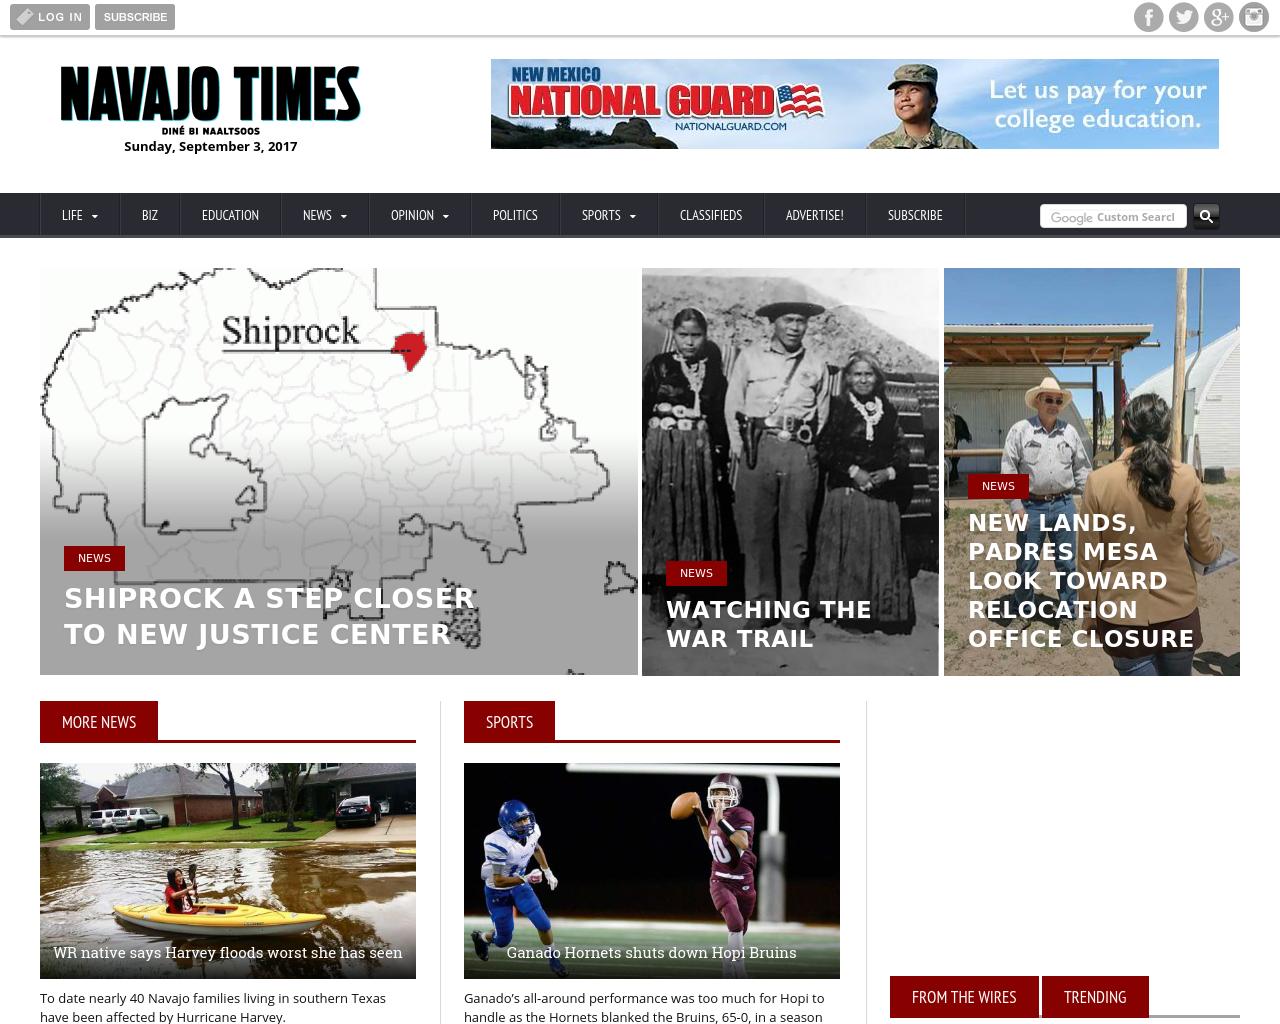 Navajo-Times-Advertising-Reviews-Pricing